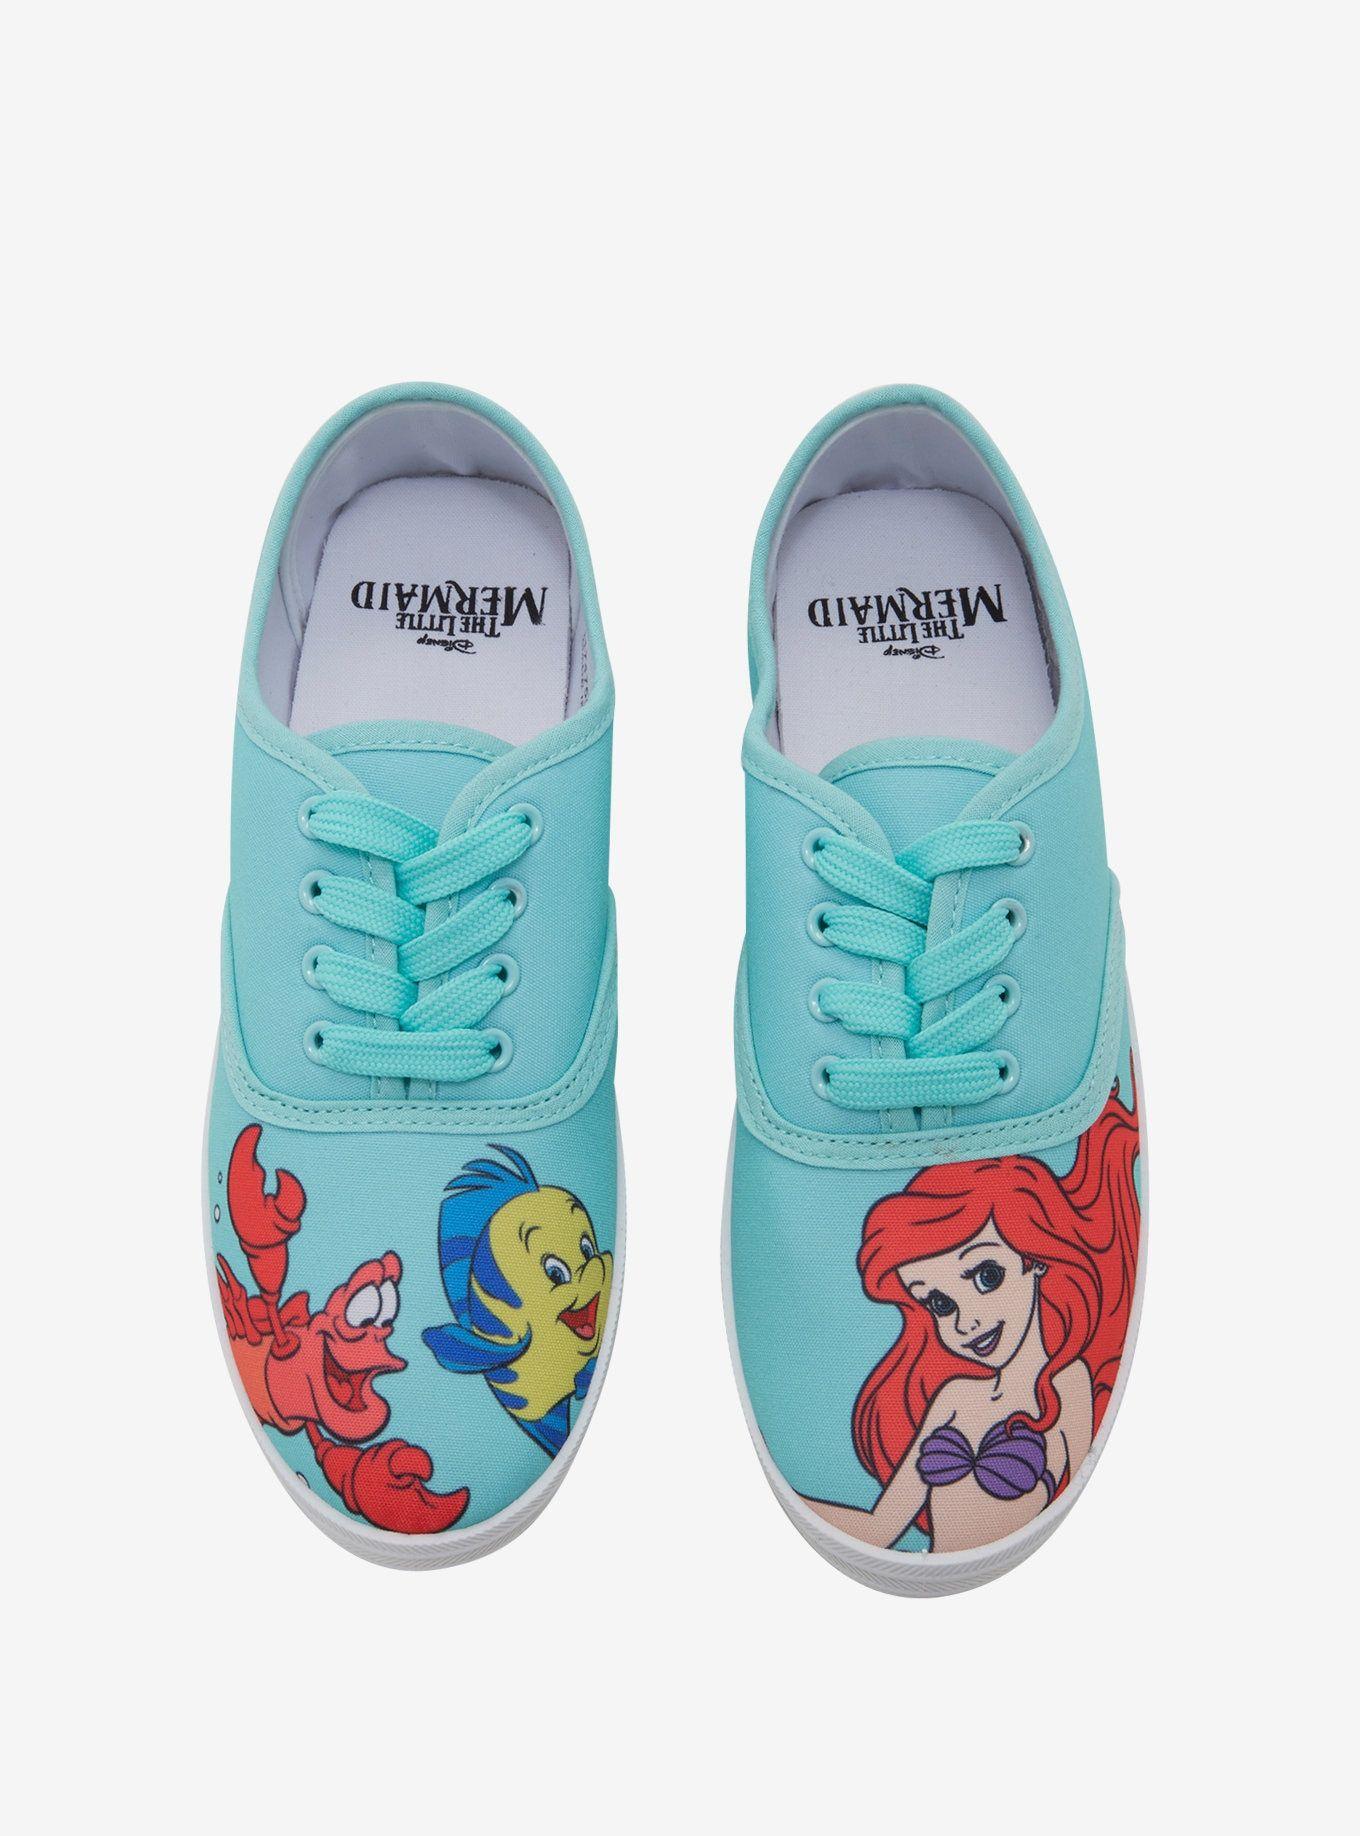 5d8d0ec05b Disney The Little Mermaid Ariel Lace-Up Sneakers in 2019